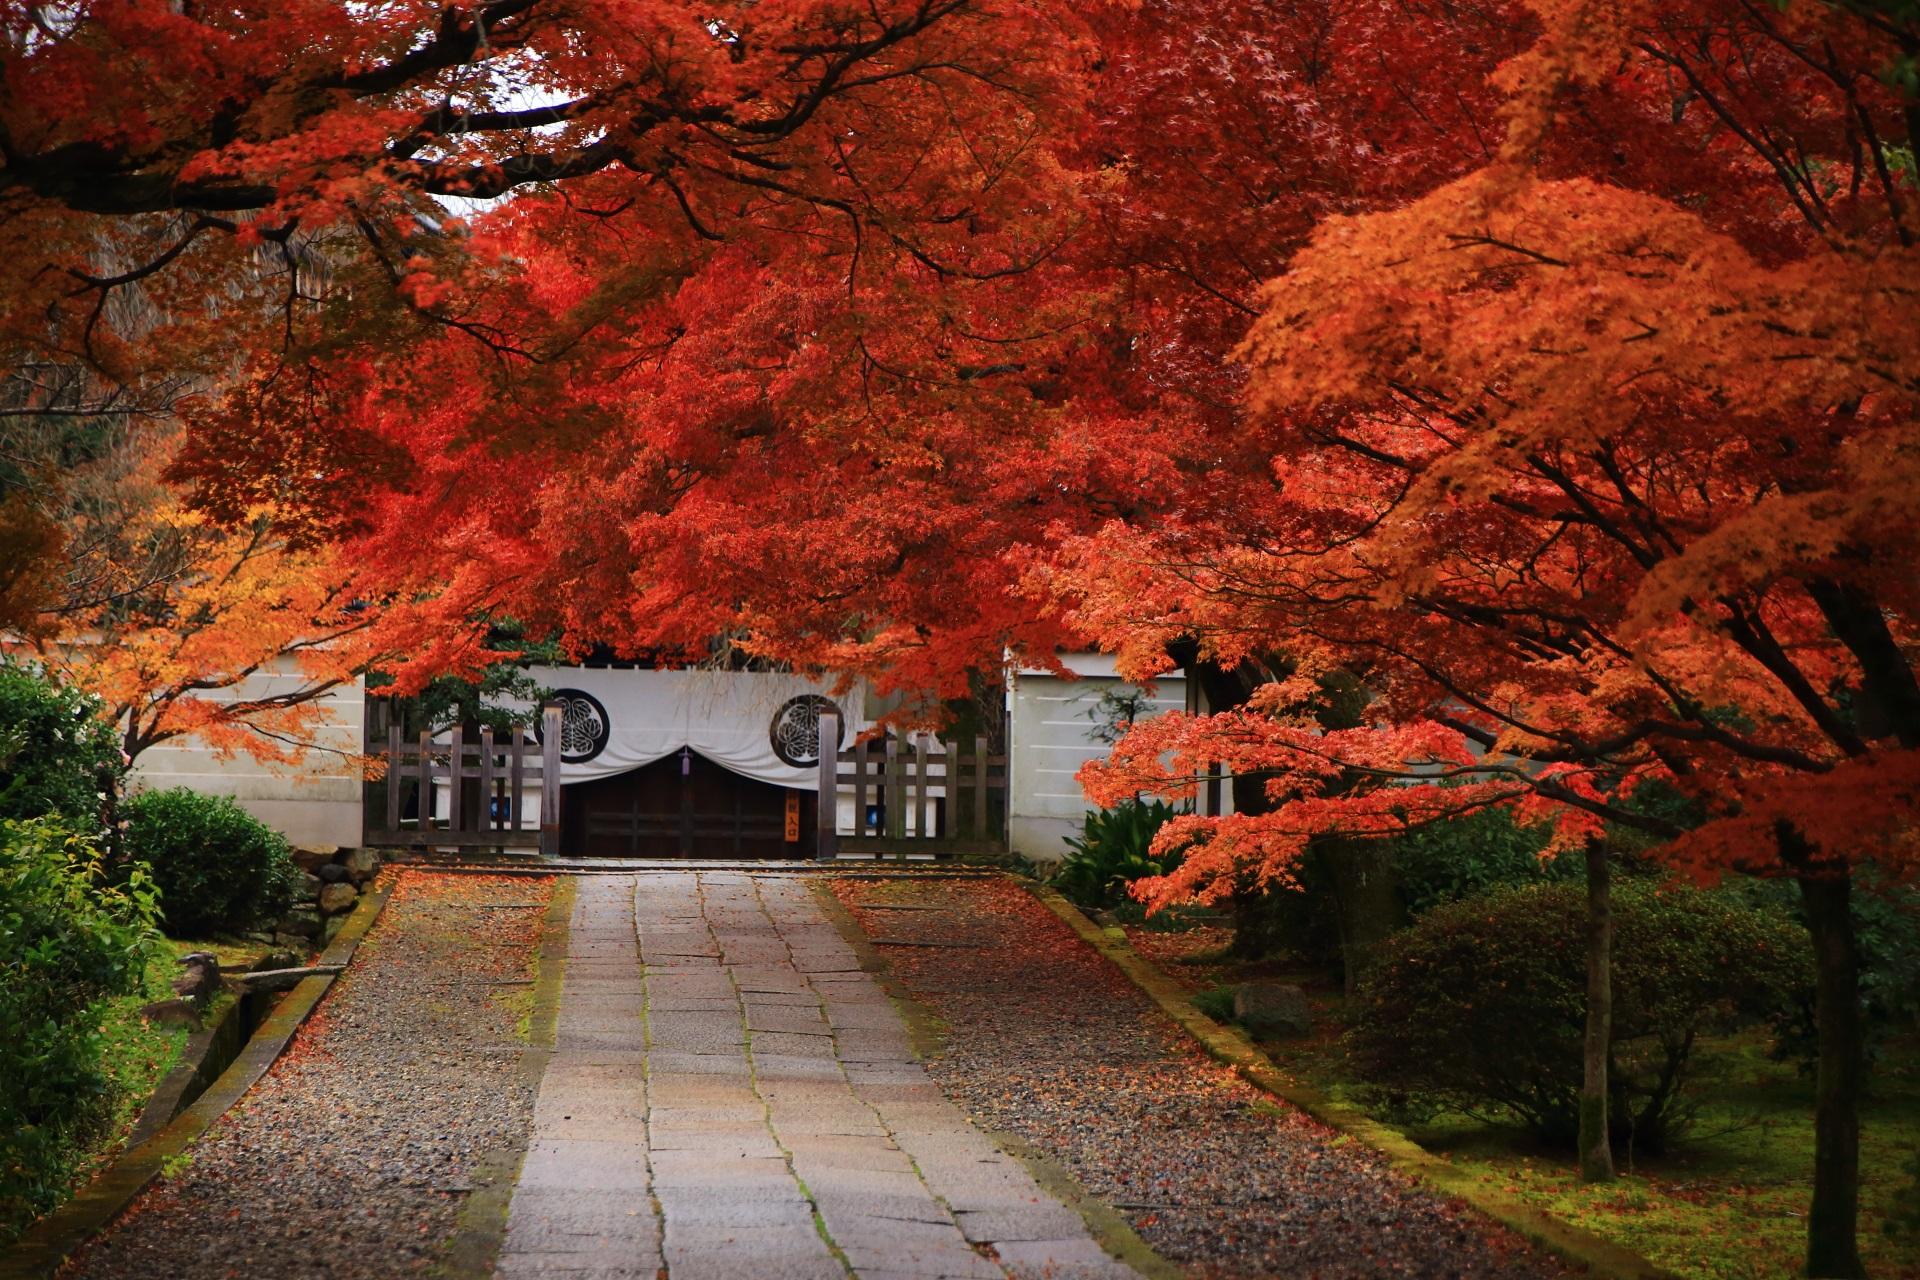 養源院の参道の下の方から眺めた玄関と紅葉